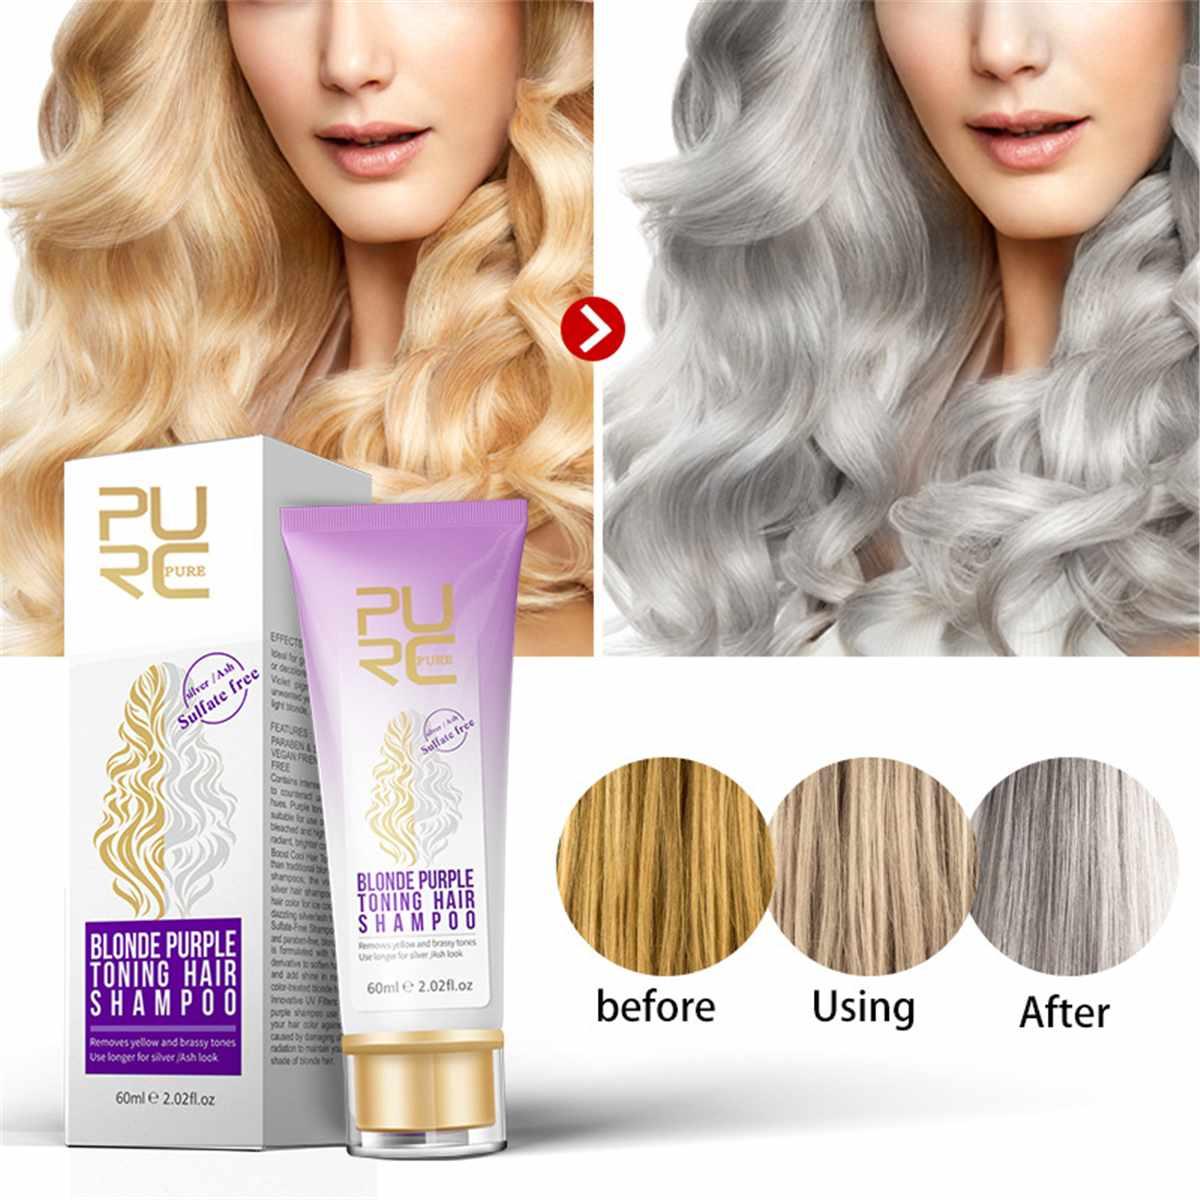 Blonde Lila Haar Shampoo Entfernt Gelb Und Brassy Töne für Silber Asche Look Lila Haar Shampoo